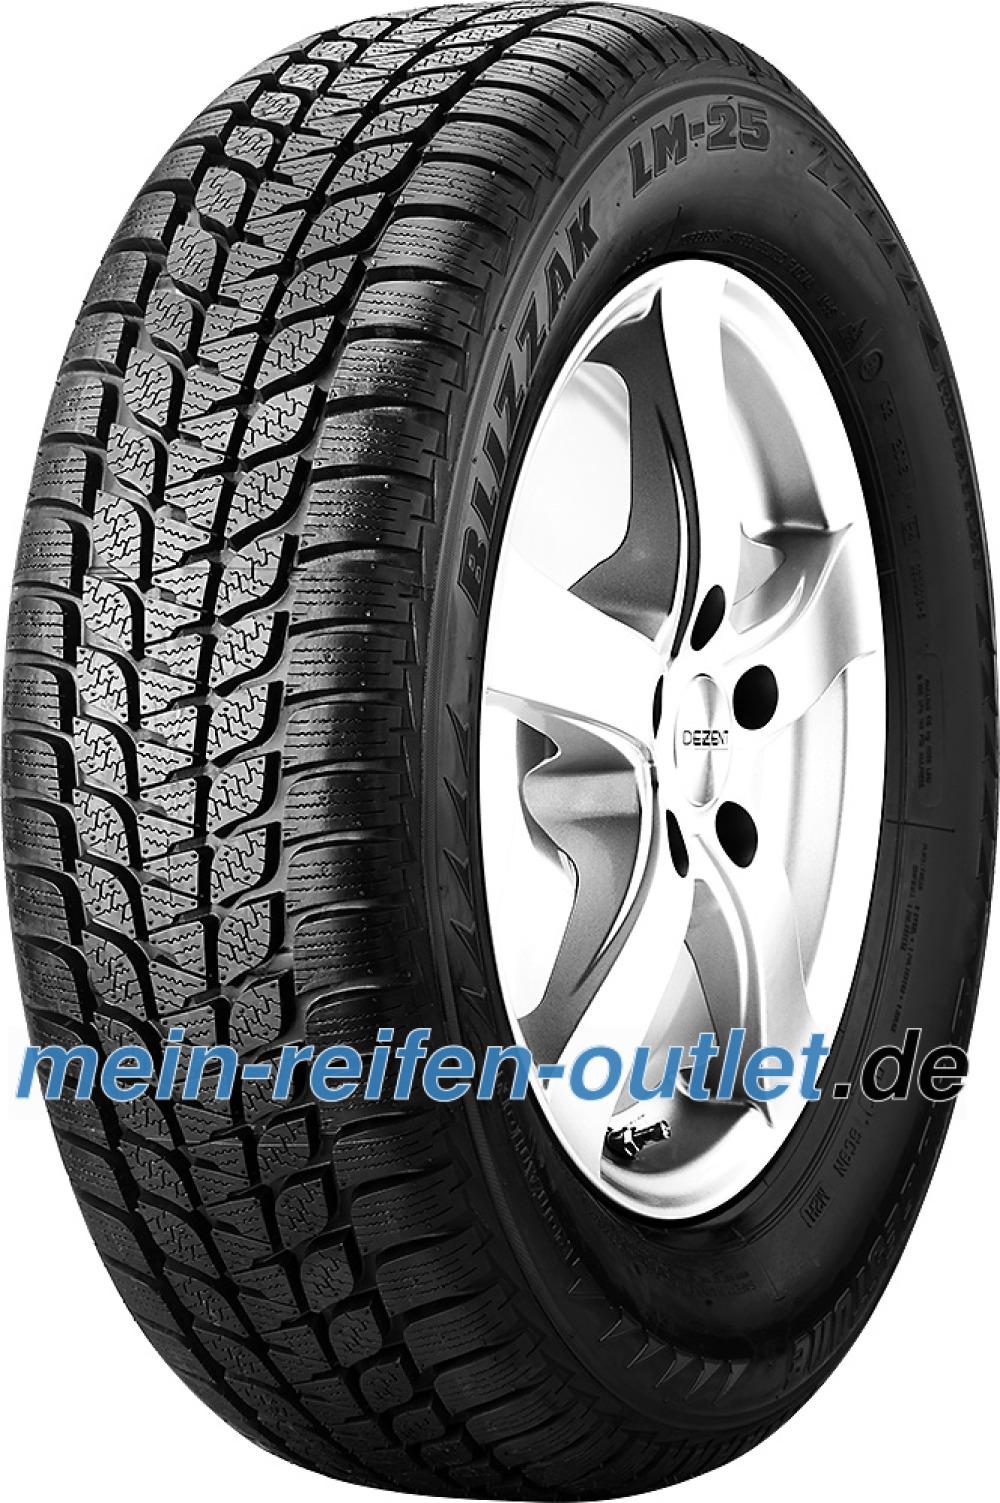 Bridgestone Blizzak LM-25 RFT ( 205/55 R16 91H *, mit Felgenschutz (MFS), runflat )